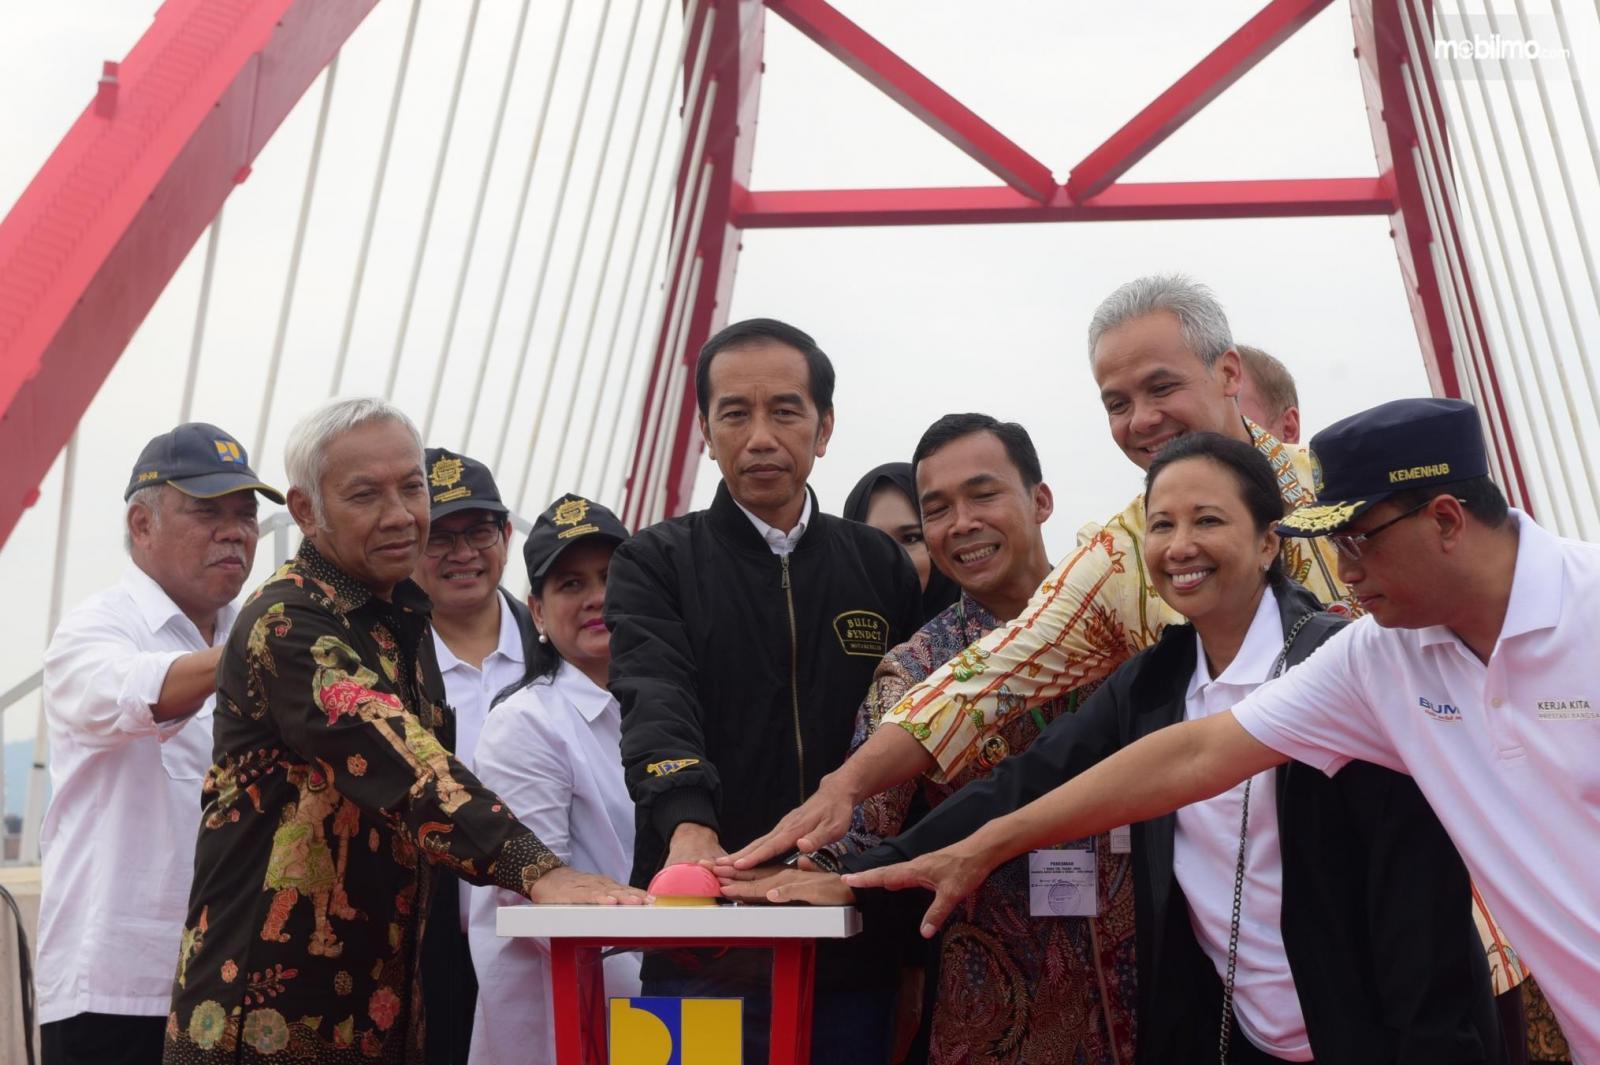 Presiden meresmikan 3 ruas tol di Jawa Tengah (21/12/2018)